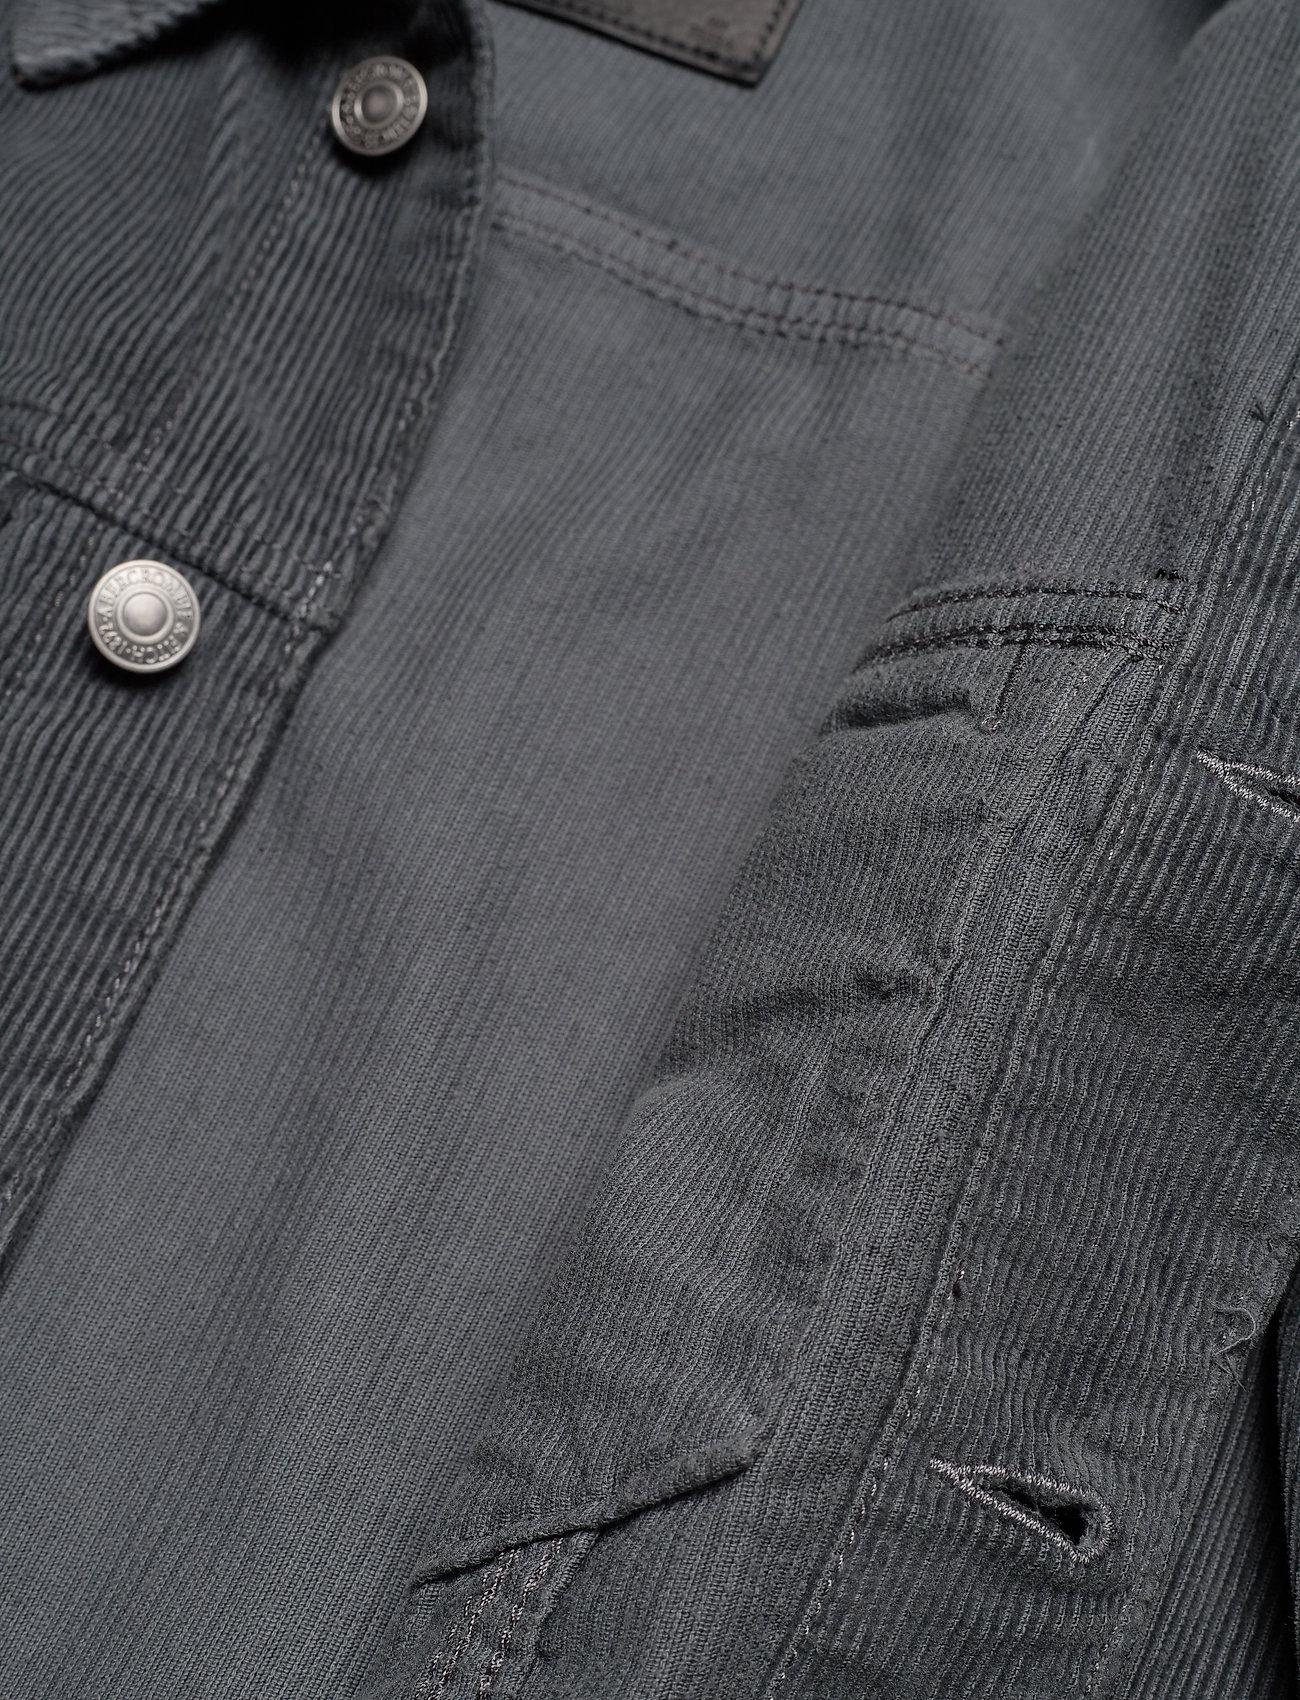 Abercrombie & Fitch Corduroy Trucker Jacket - Jakker Og Frakker Dark Grey Flat